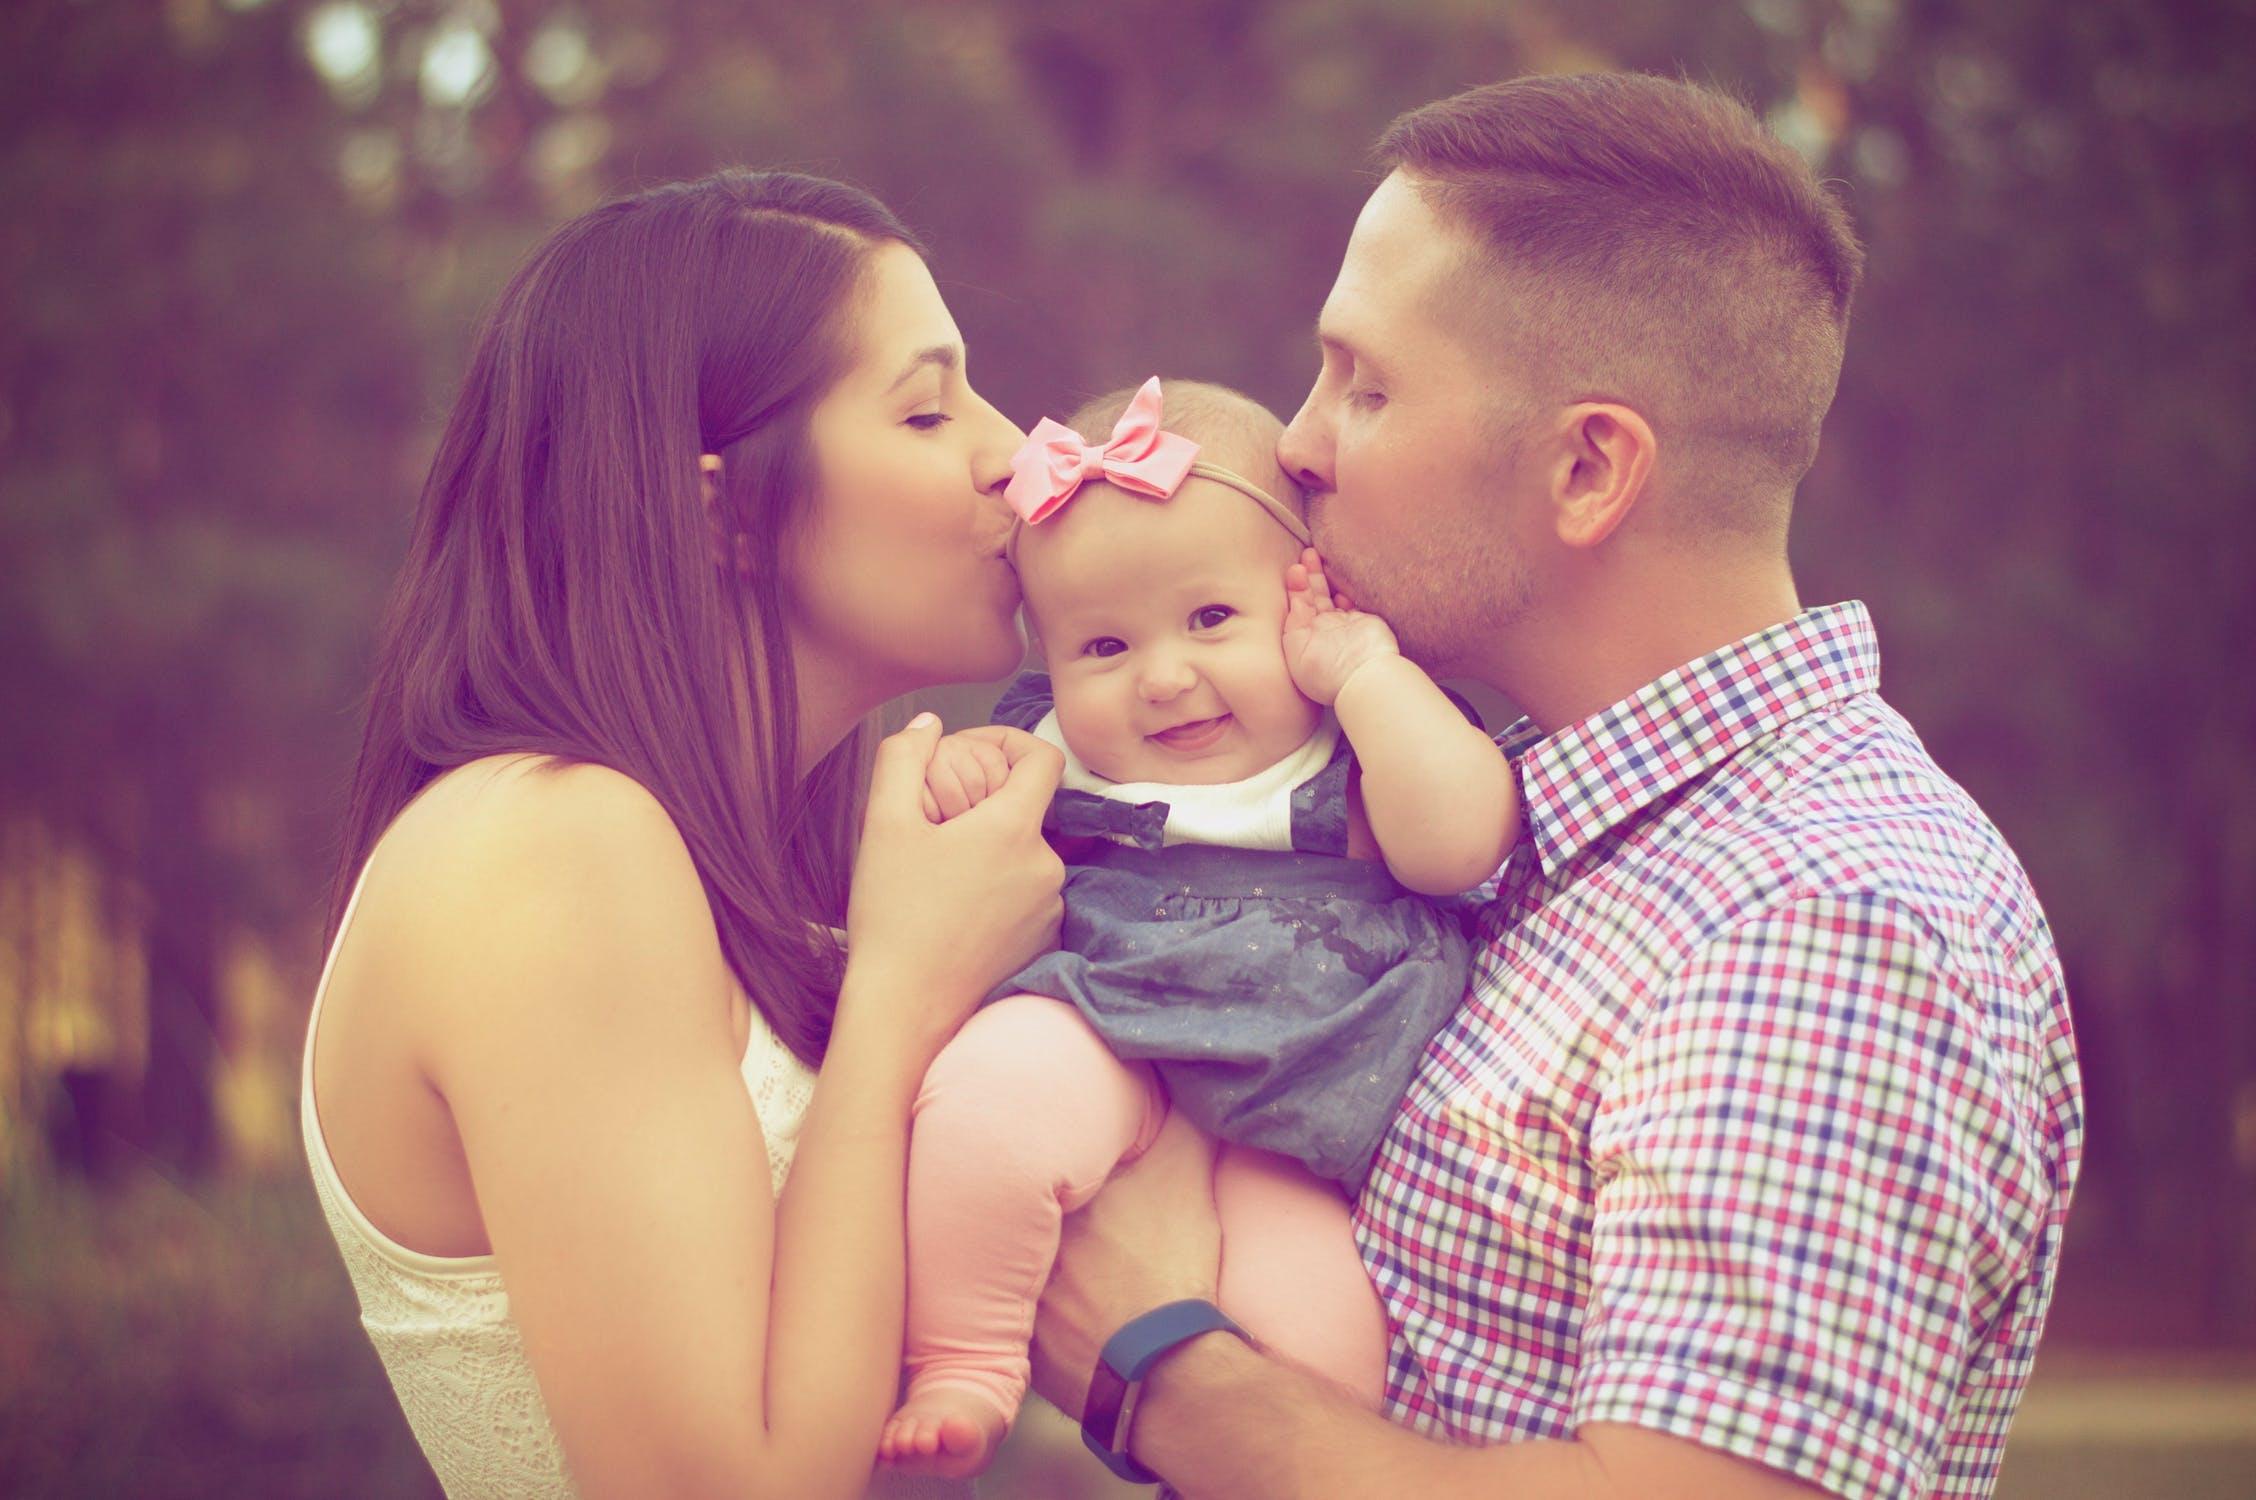 親寶寶臉頰有什麼風險呢? 七大重點千萬要知道